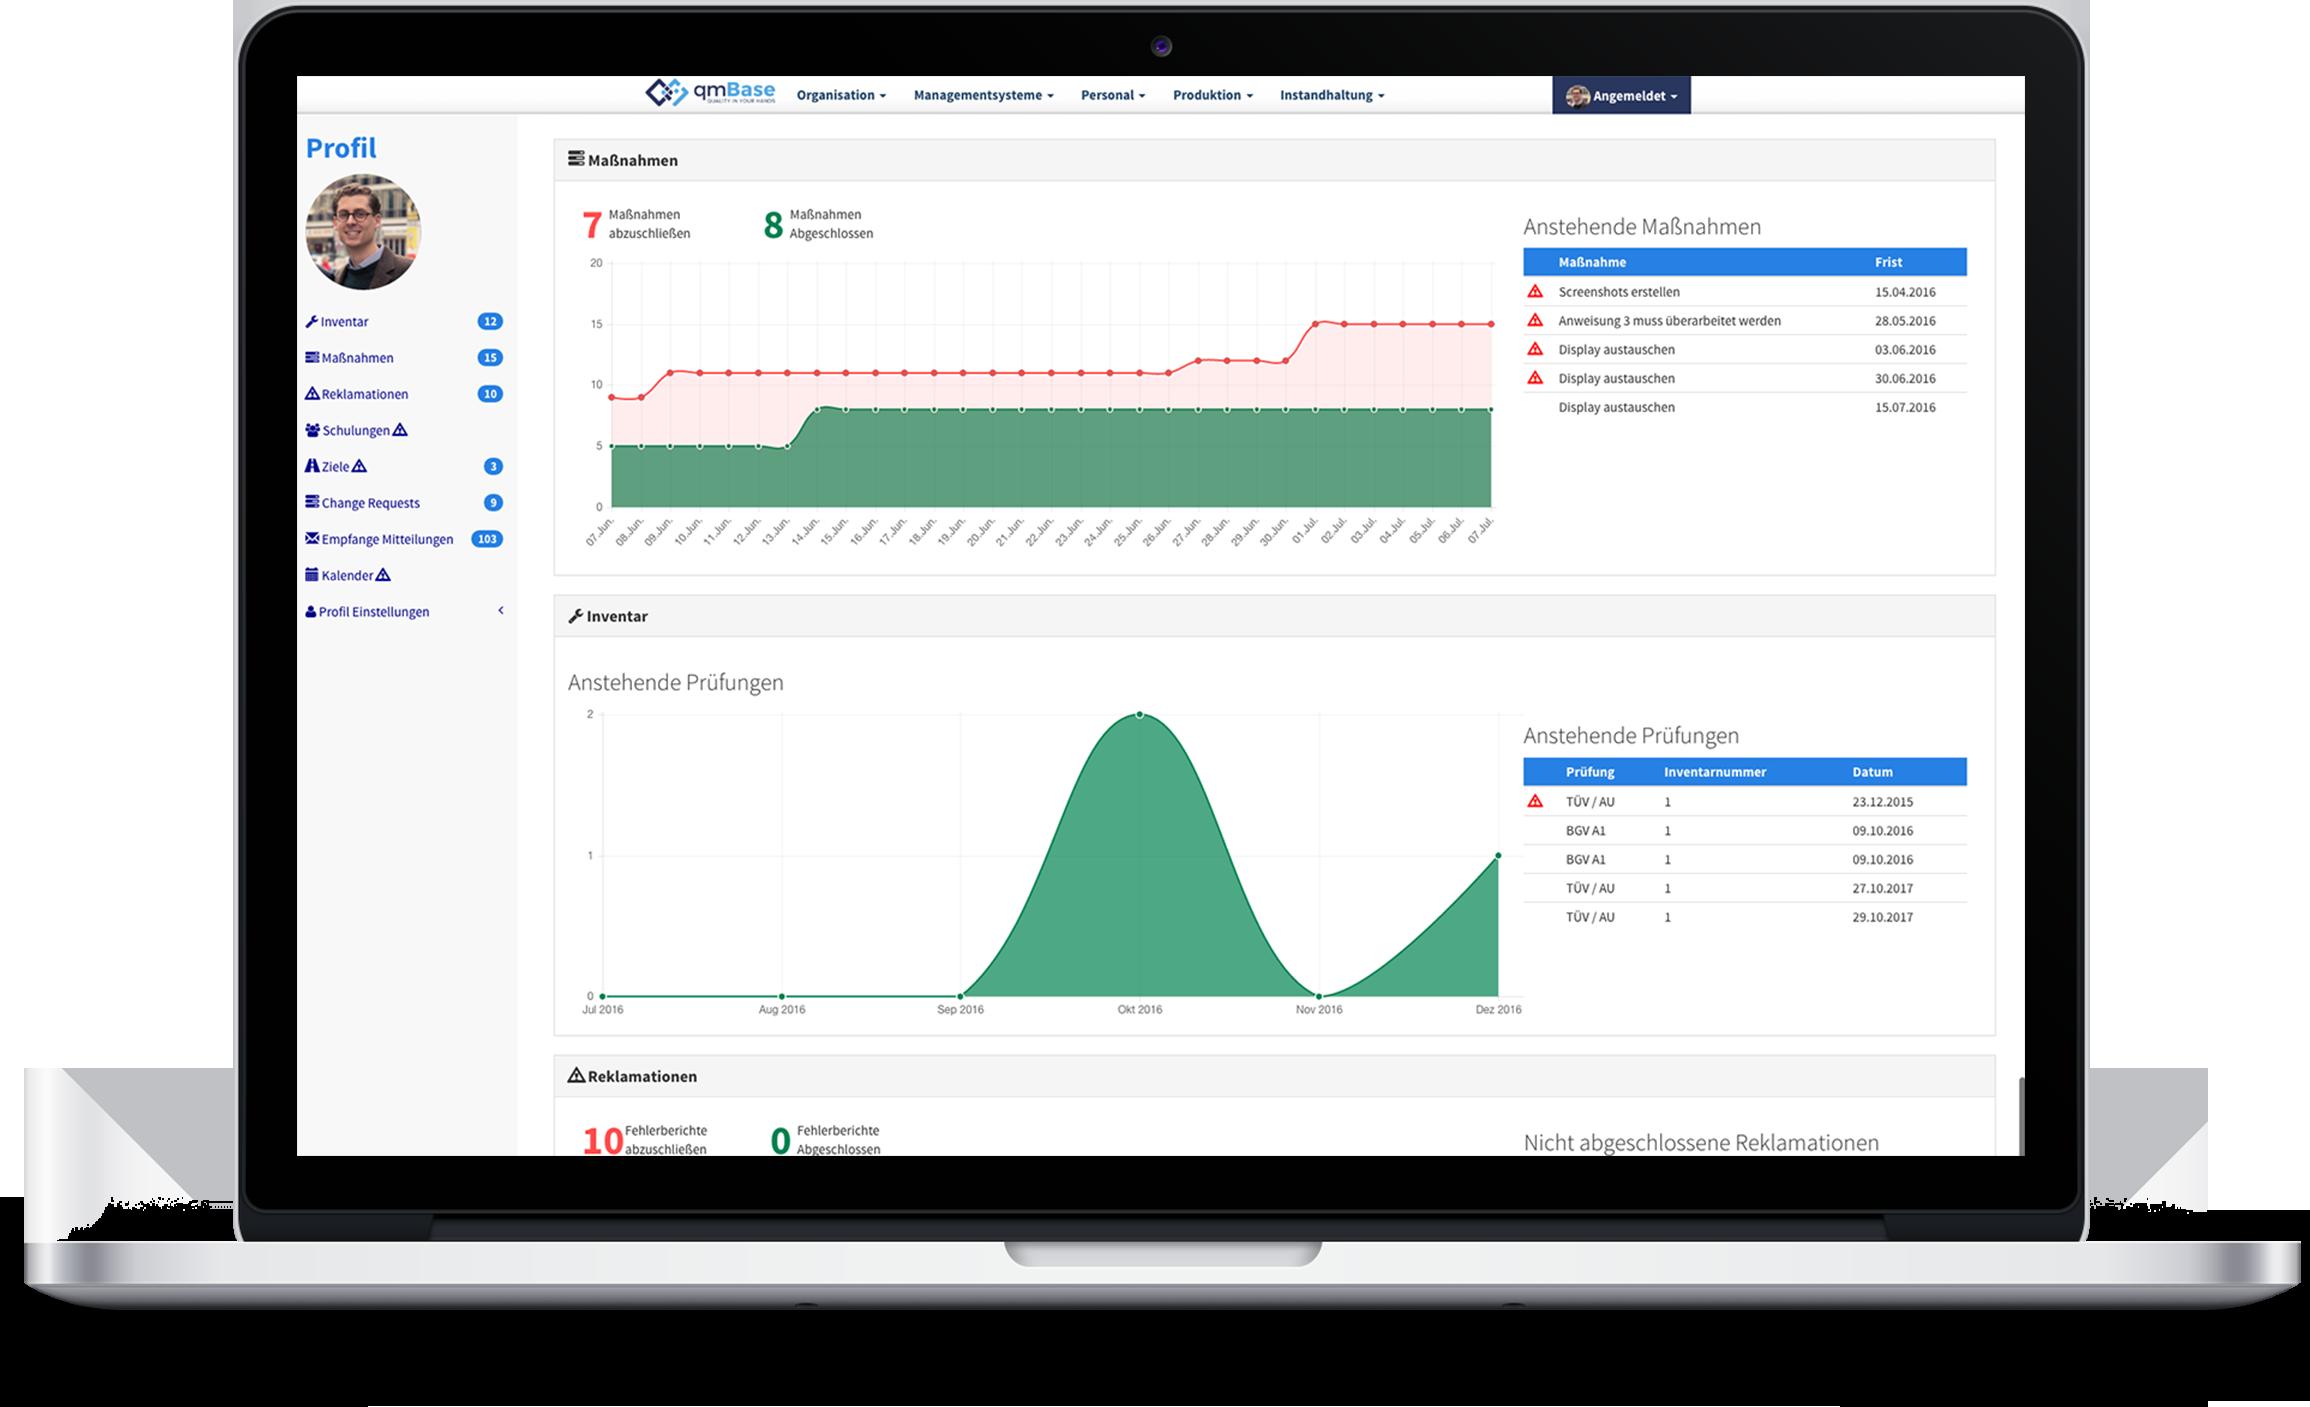 qmBase Profil Desktop 2